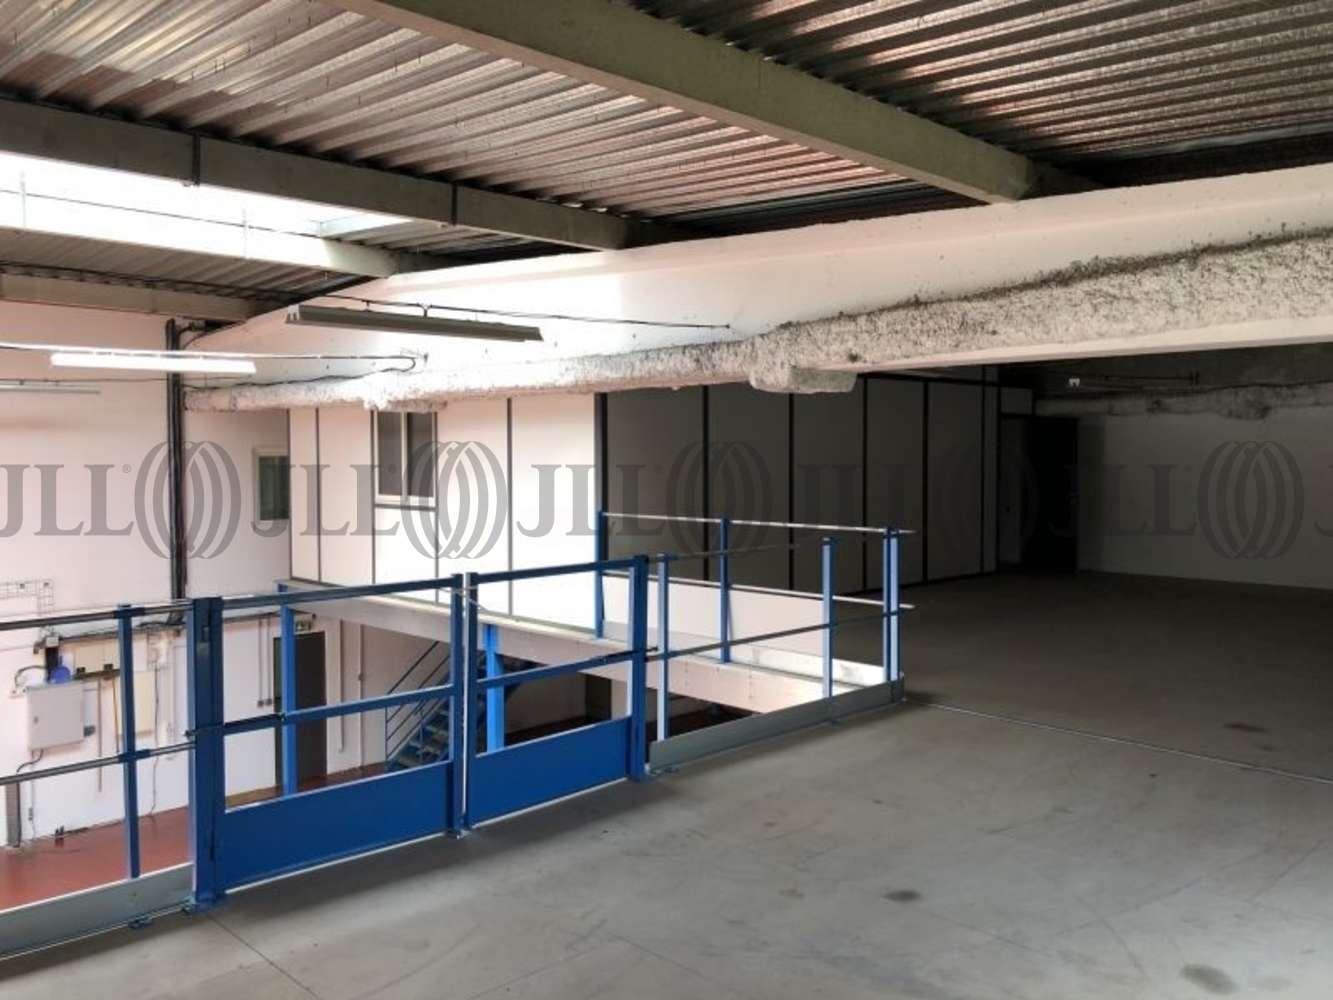 Activités/entrepôt Villeurbanne, 69100 - Location entrepôt Villeurbanne / Lyon - 10927787